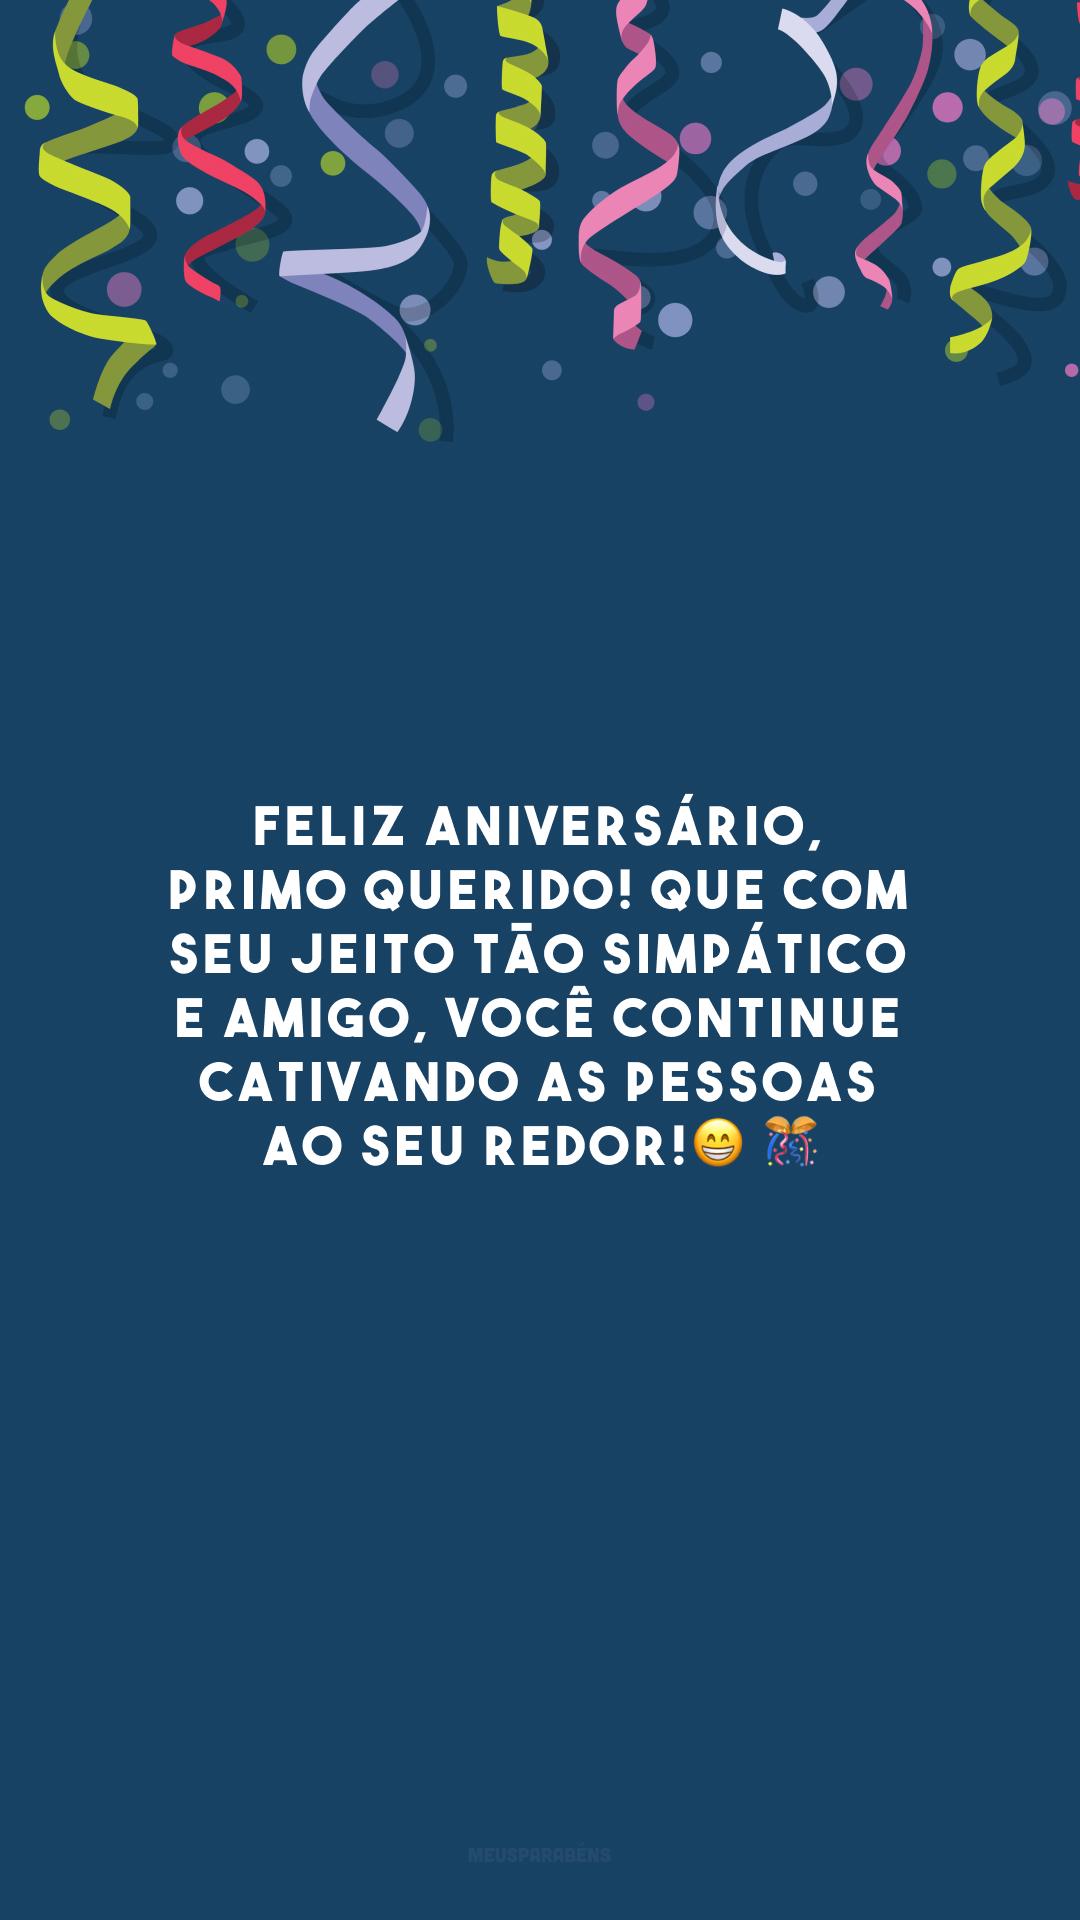 Feliz aniversário, primo querido! Que com seu jeito tão simpático e amigo, você continue cativando as pessoas ao seu redor!😁 🎊